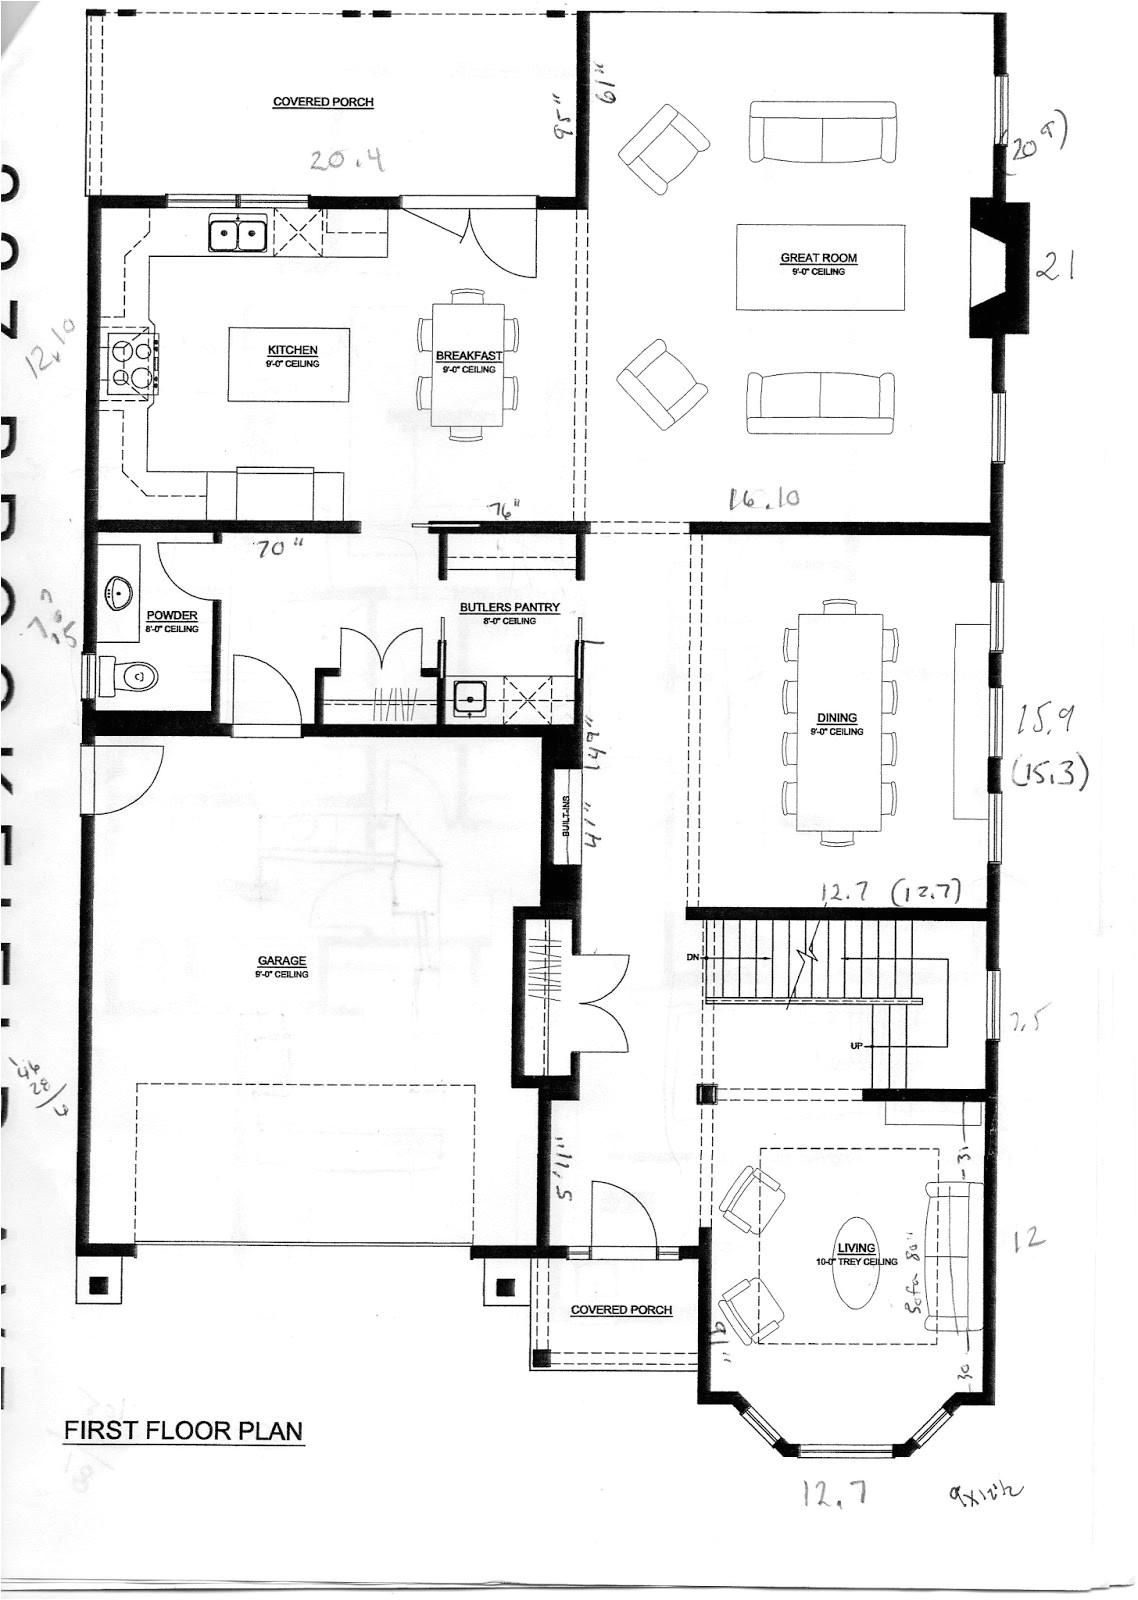 floor plans i am nerd comment form